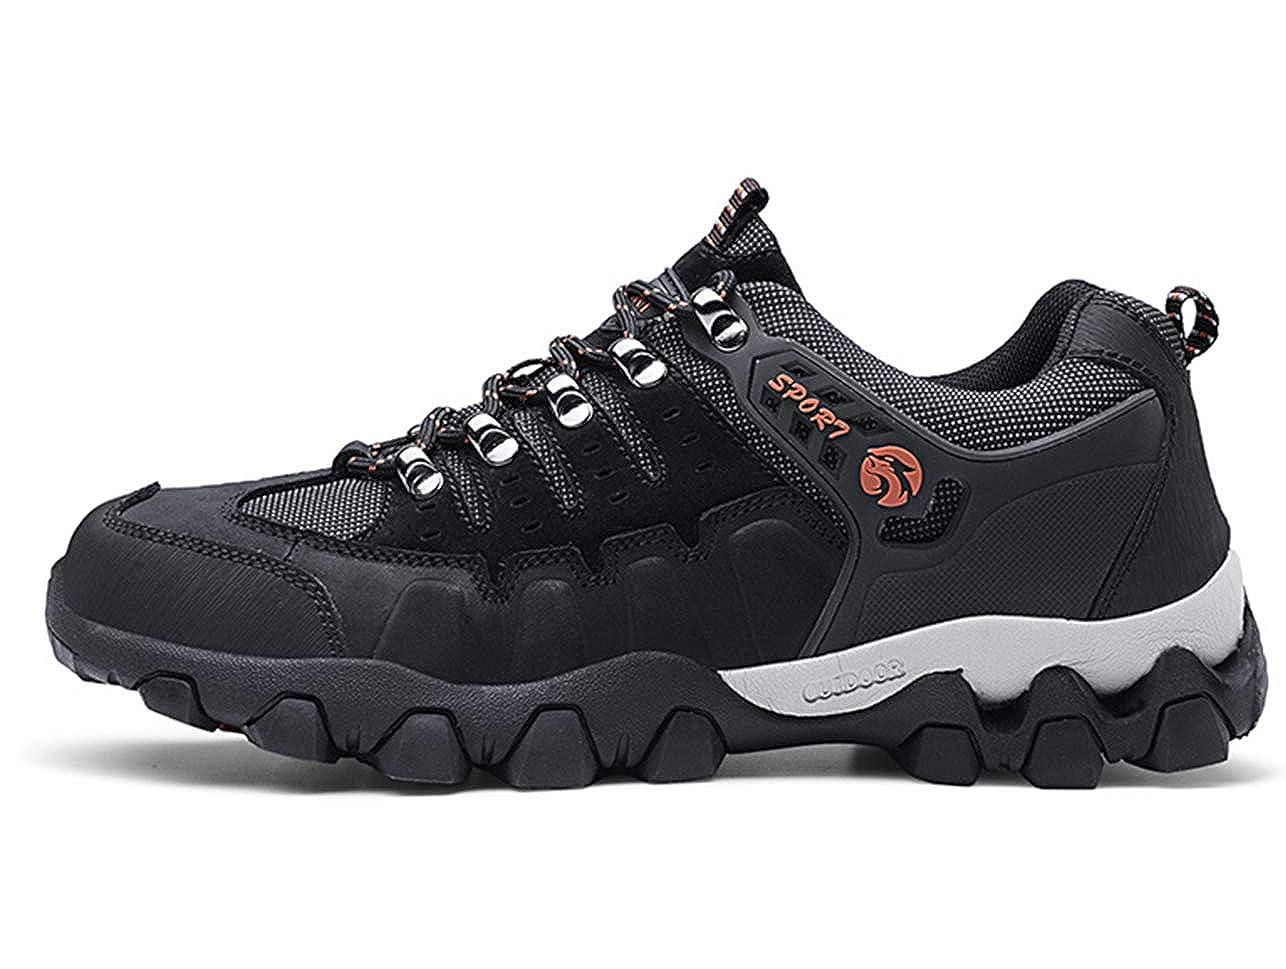 GJRRX para Hombre Botas de Senderismo Impermeables de Ocio al Aire Libre Zapatos de Deporte Zapatillas de Senderismo Cordones Trainer Botas 38-44